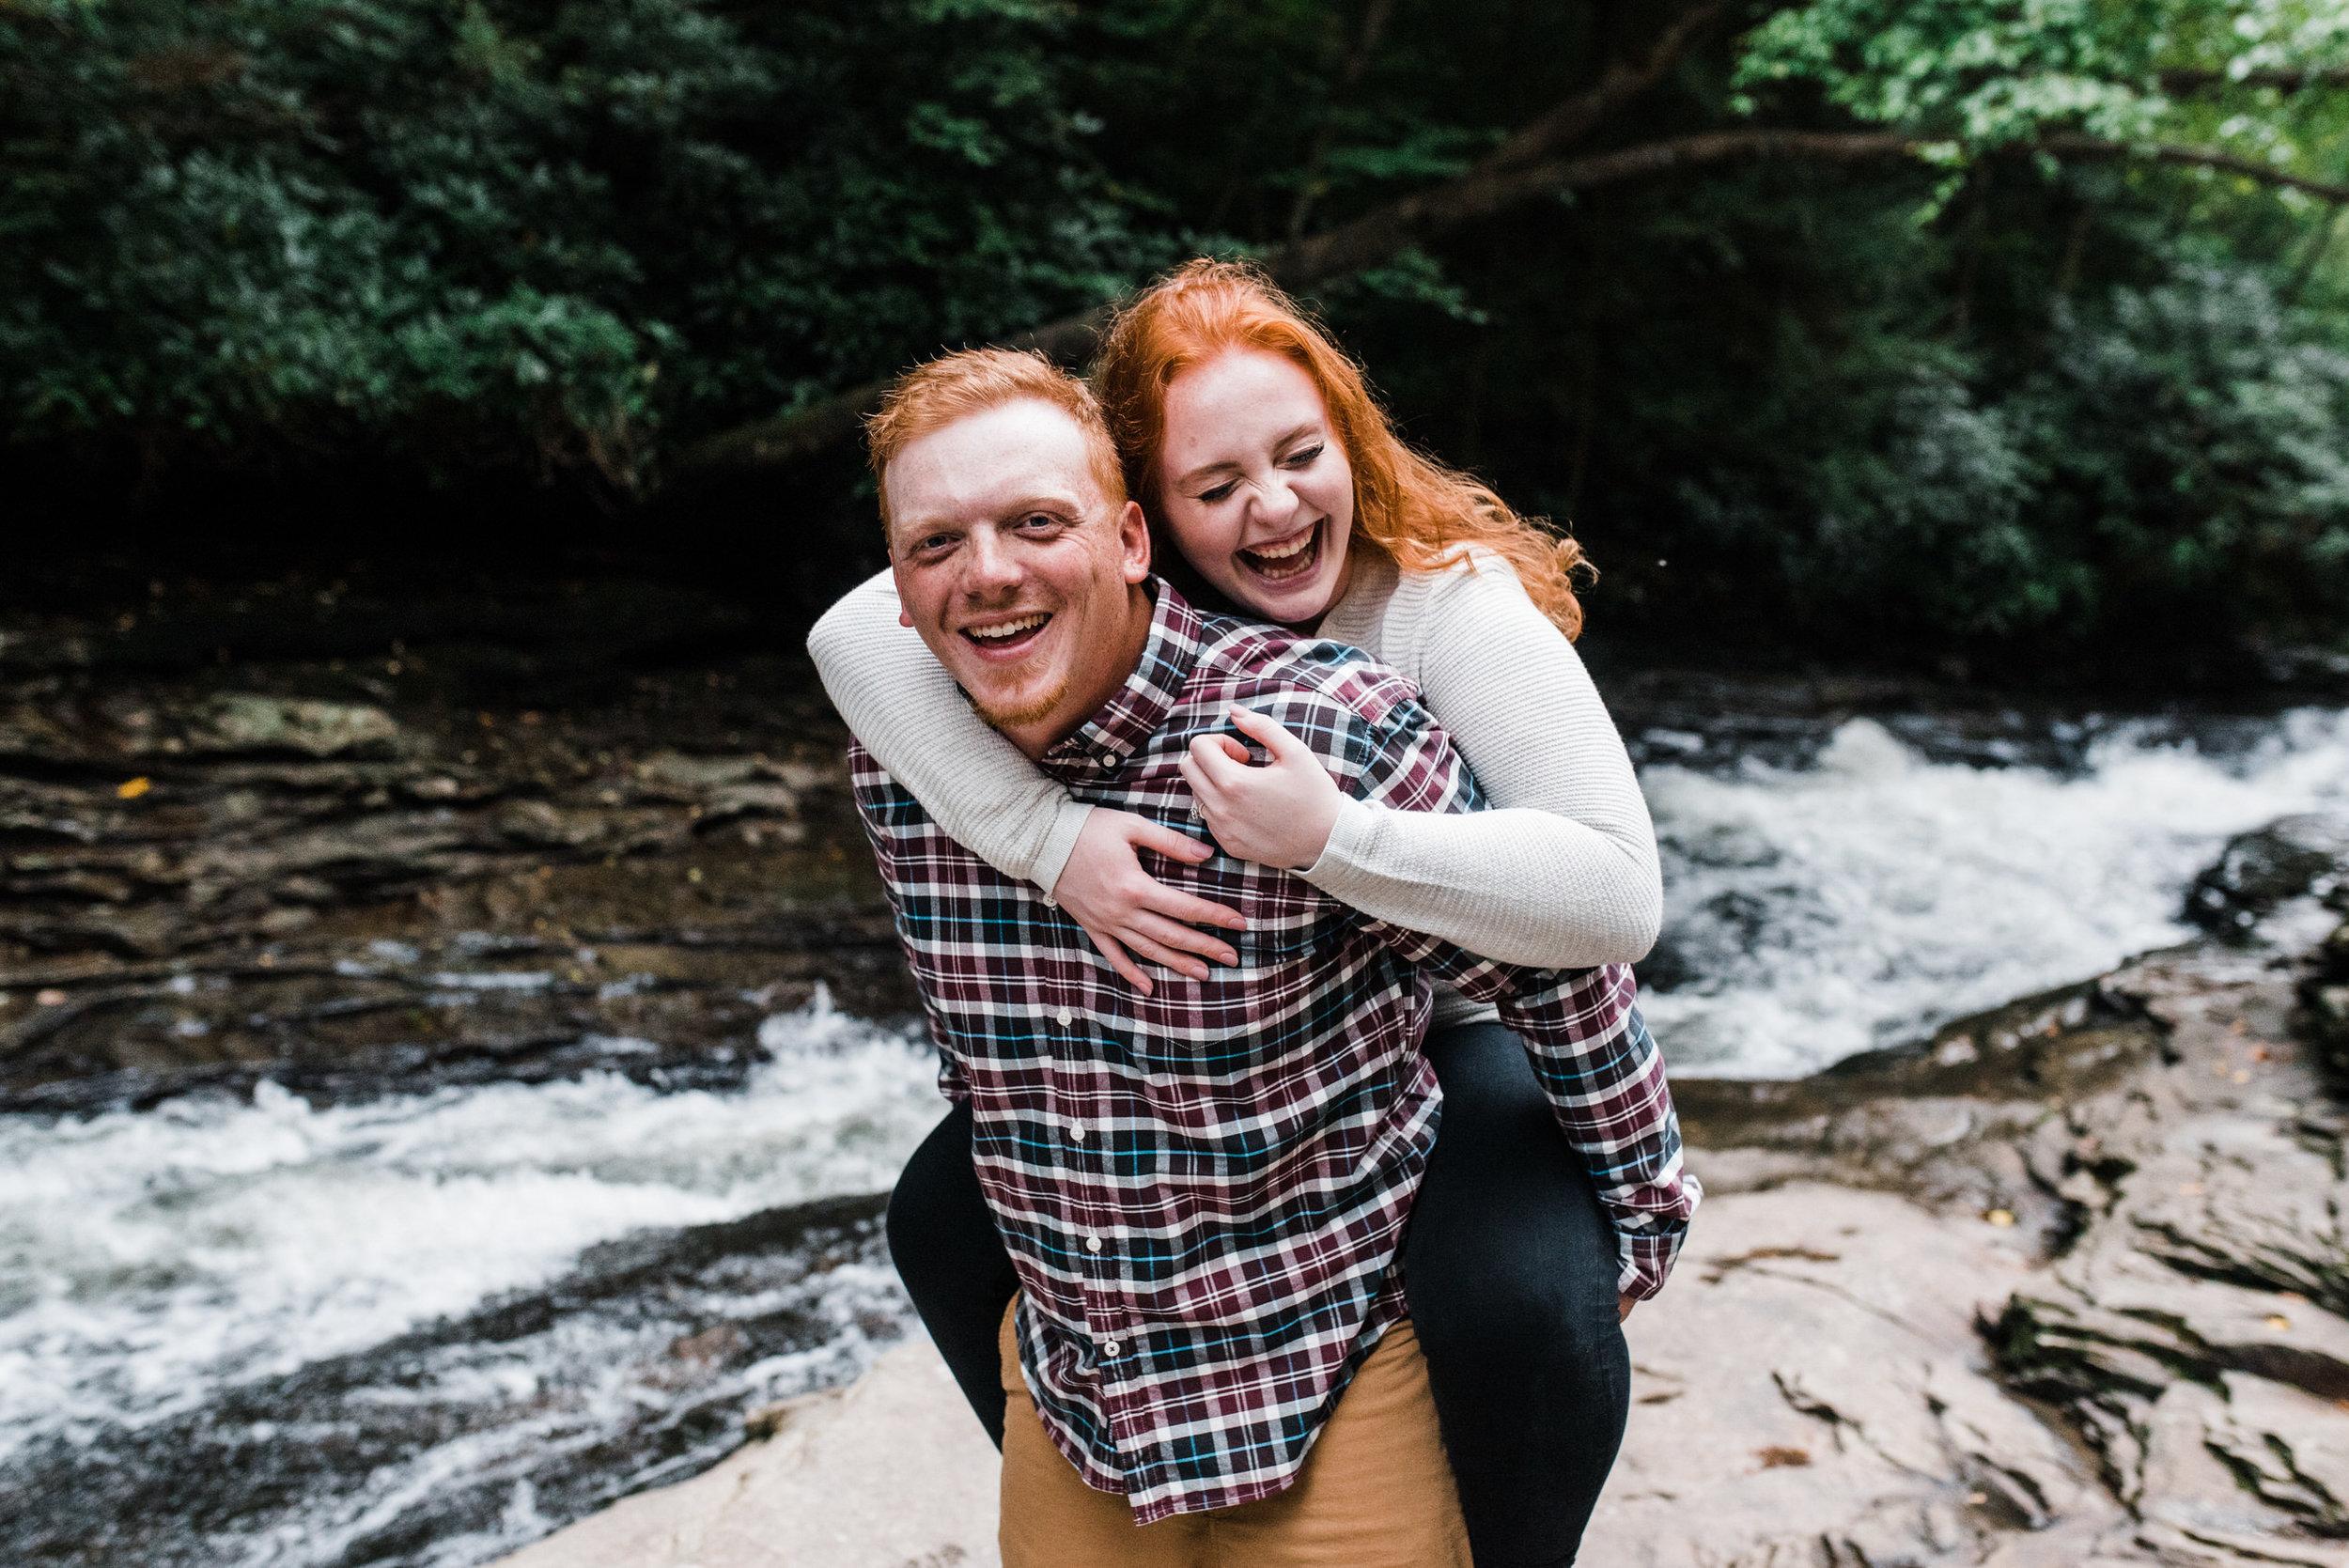 Ohio-Pyle-Engagement_Photos-Ashley-Reed_Photography_042.jpg